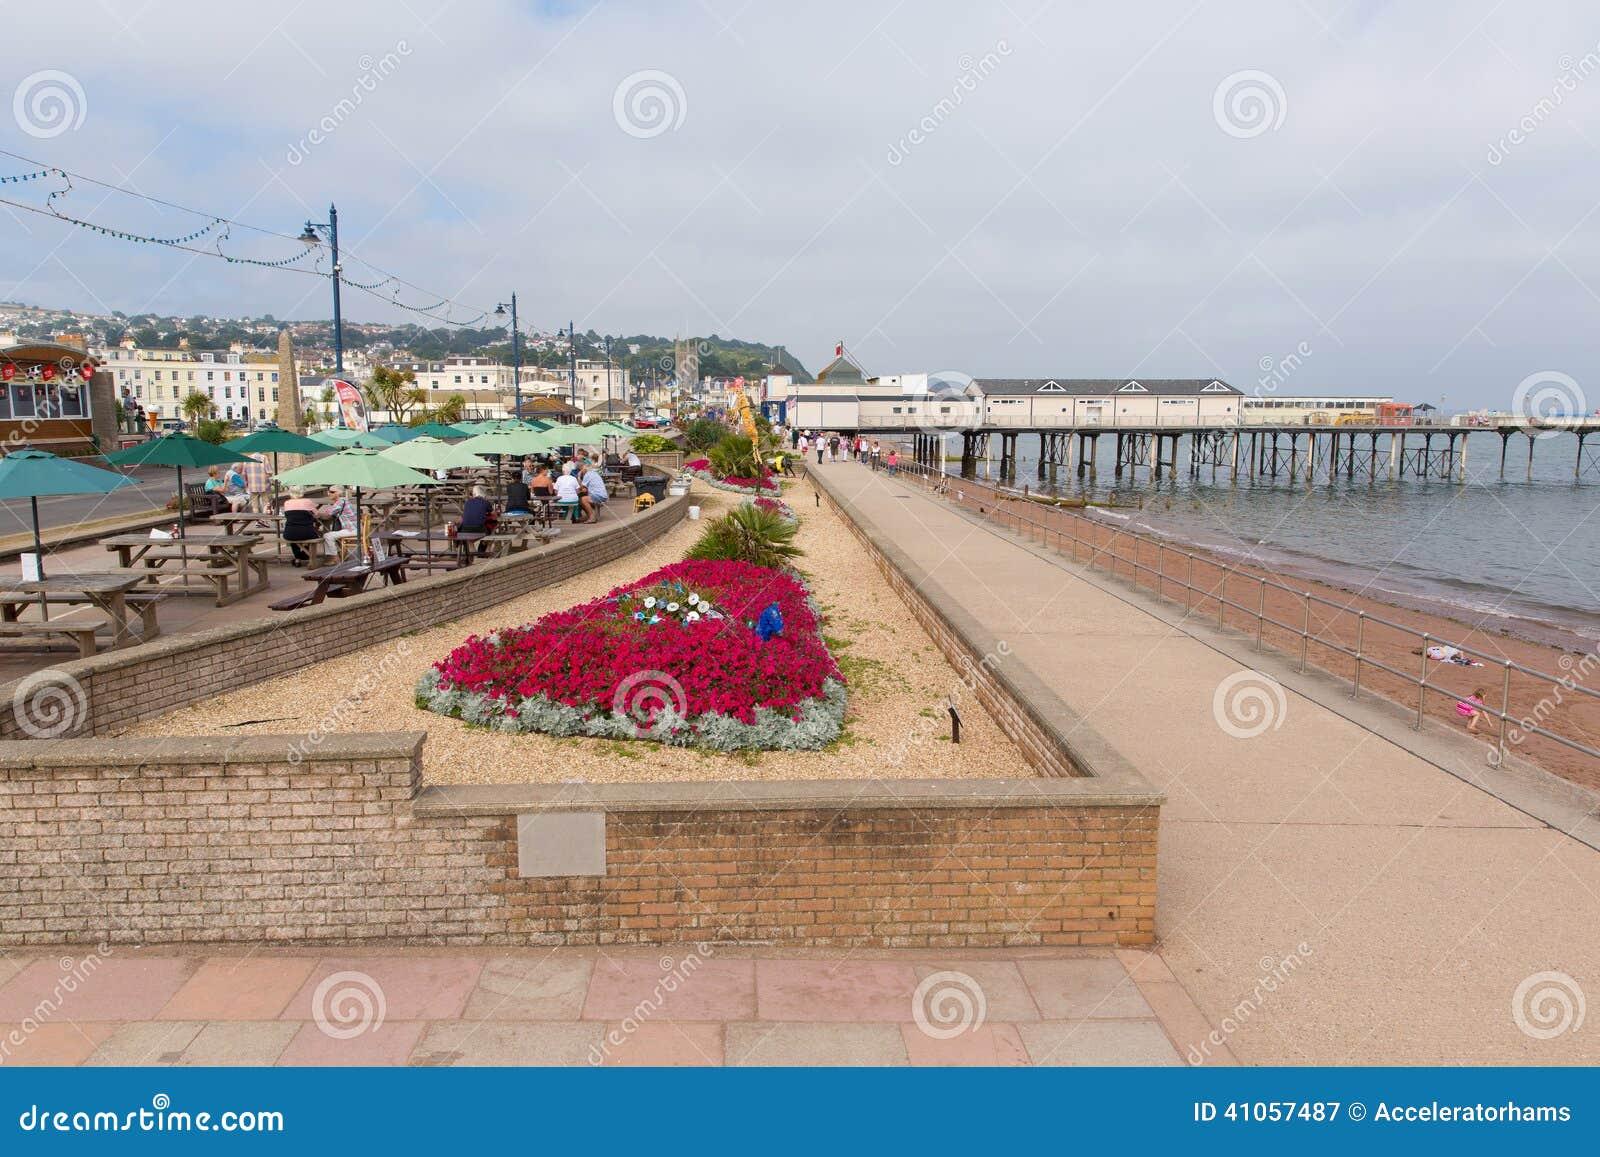 五颜六色的花和假日游客Teignmouth码头和海滩德文郡英国英国